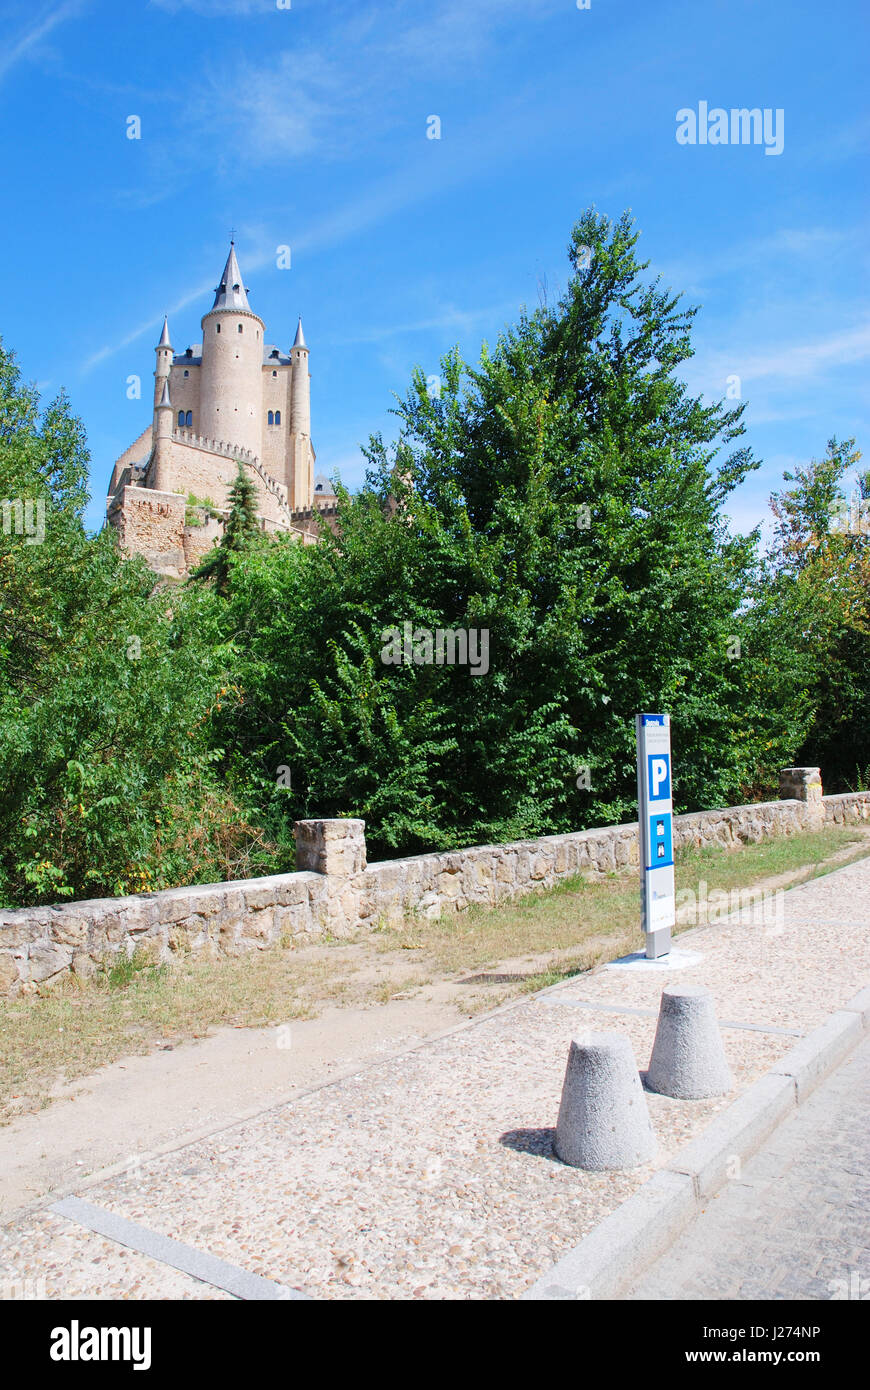 The Alcazar. Segovia, Spain. - Stock Image